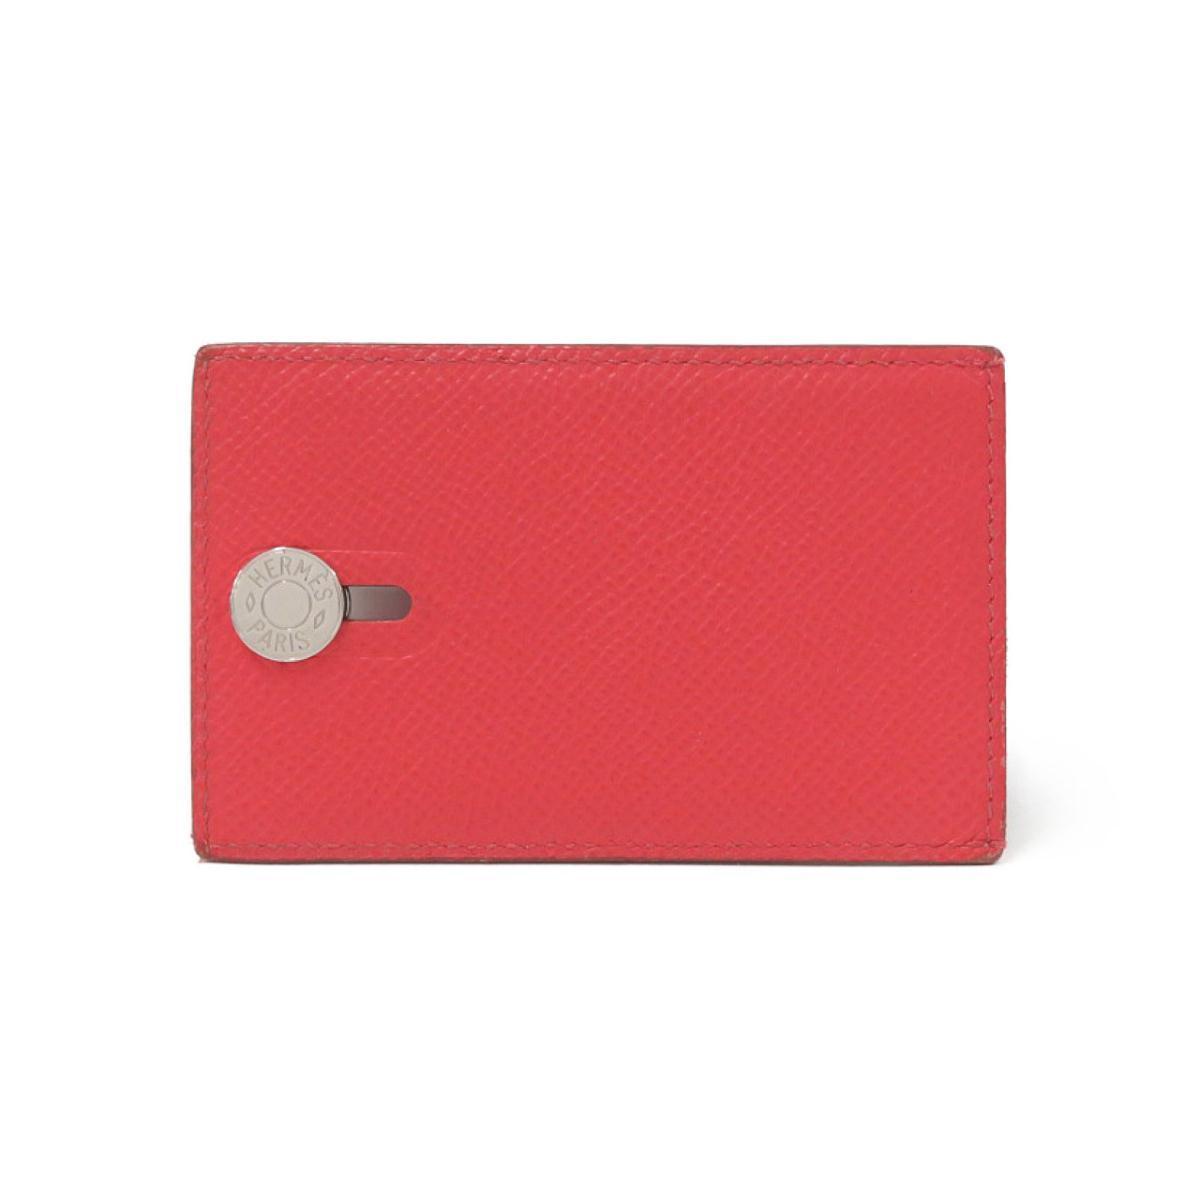 エルメス カードケース 055800CK【中古】